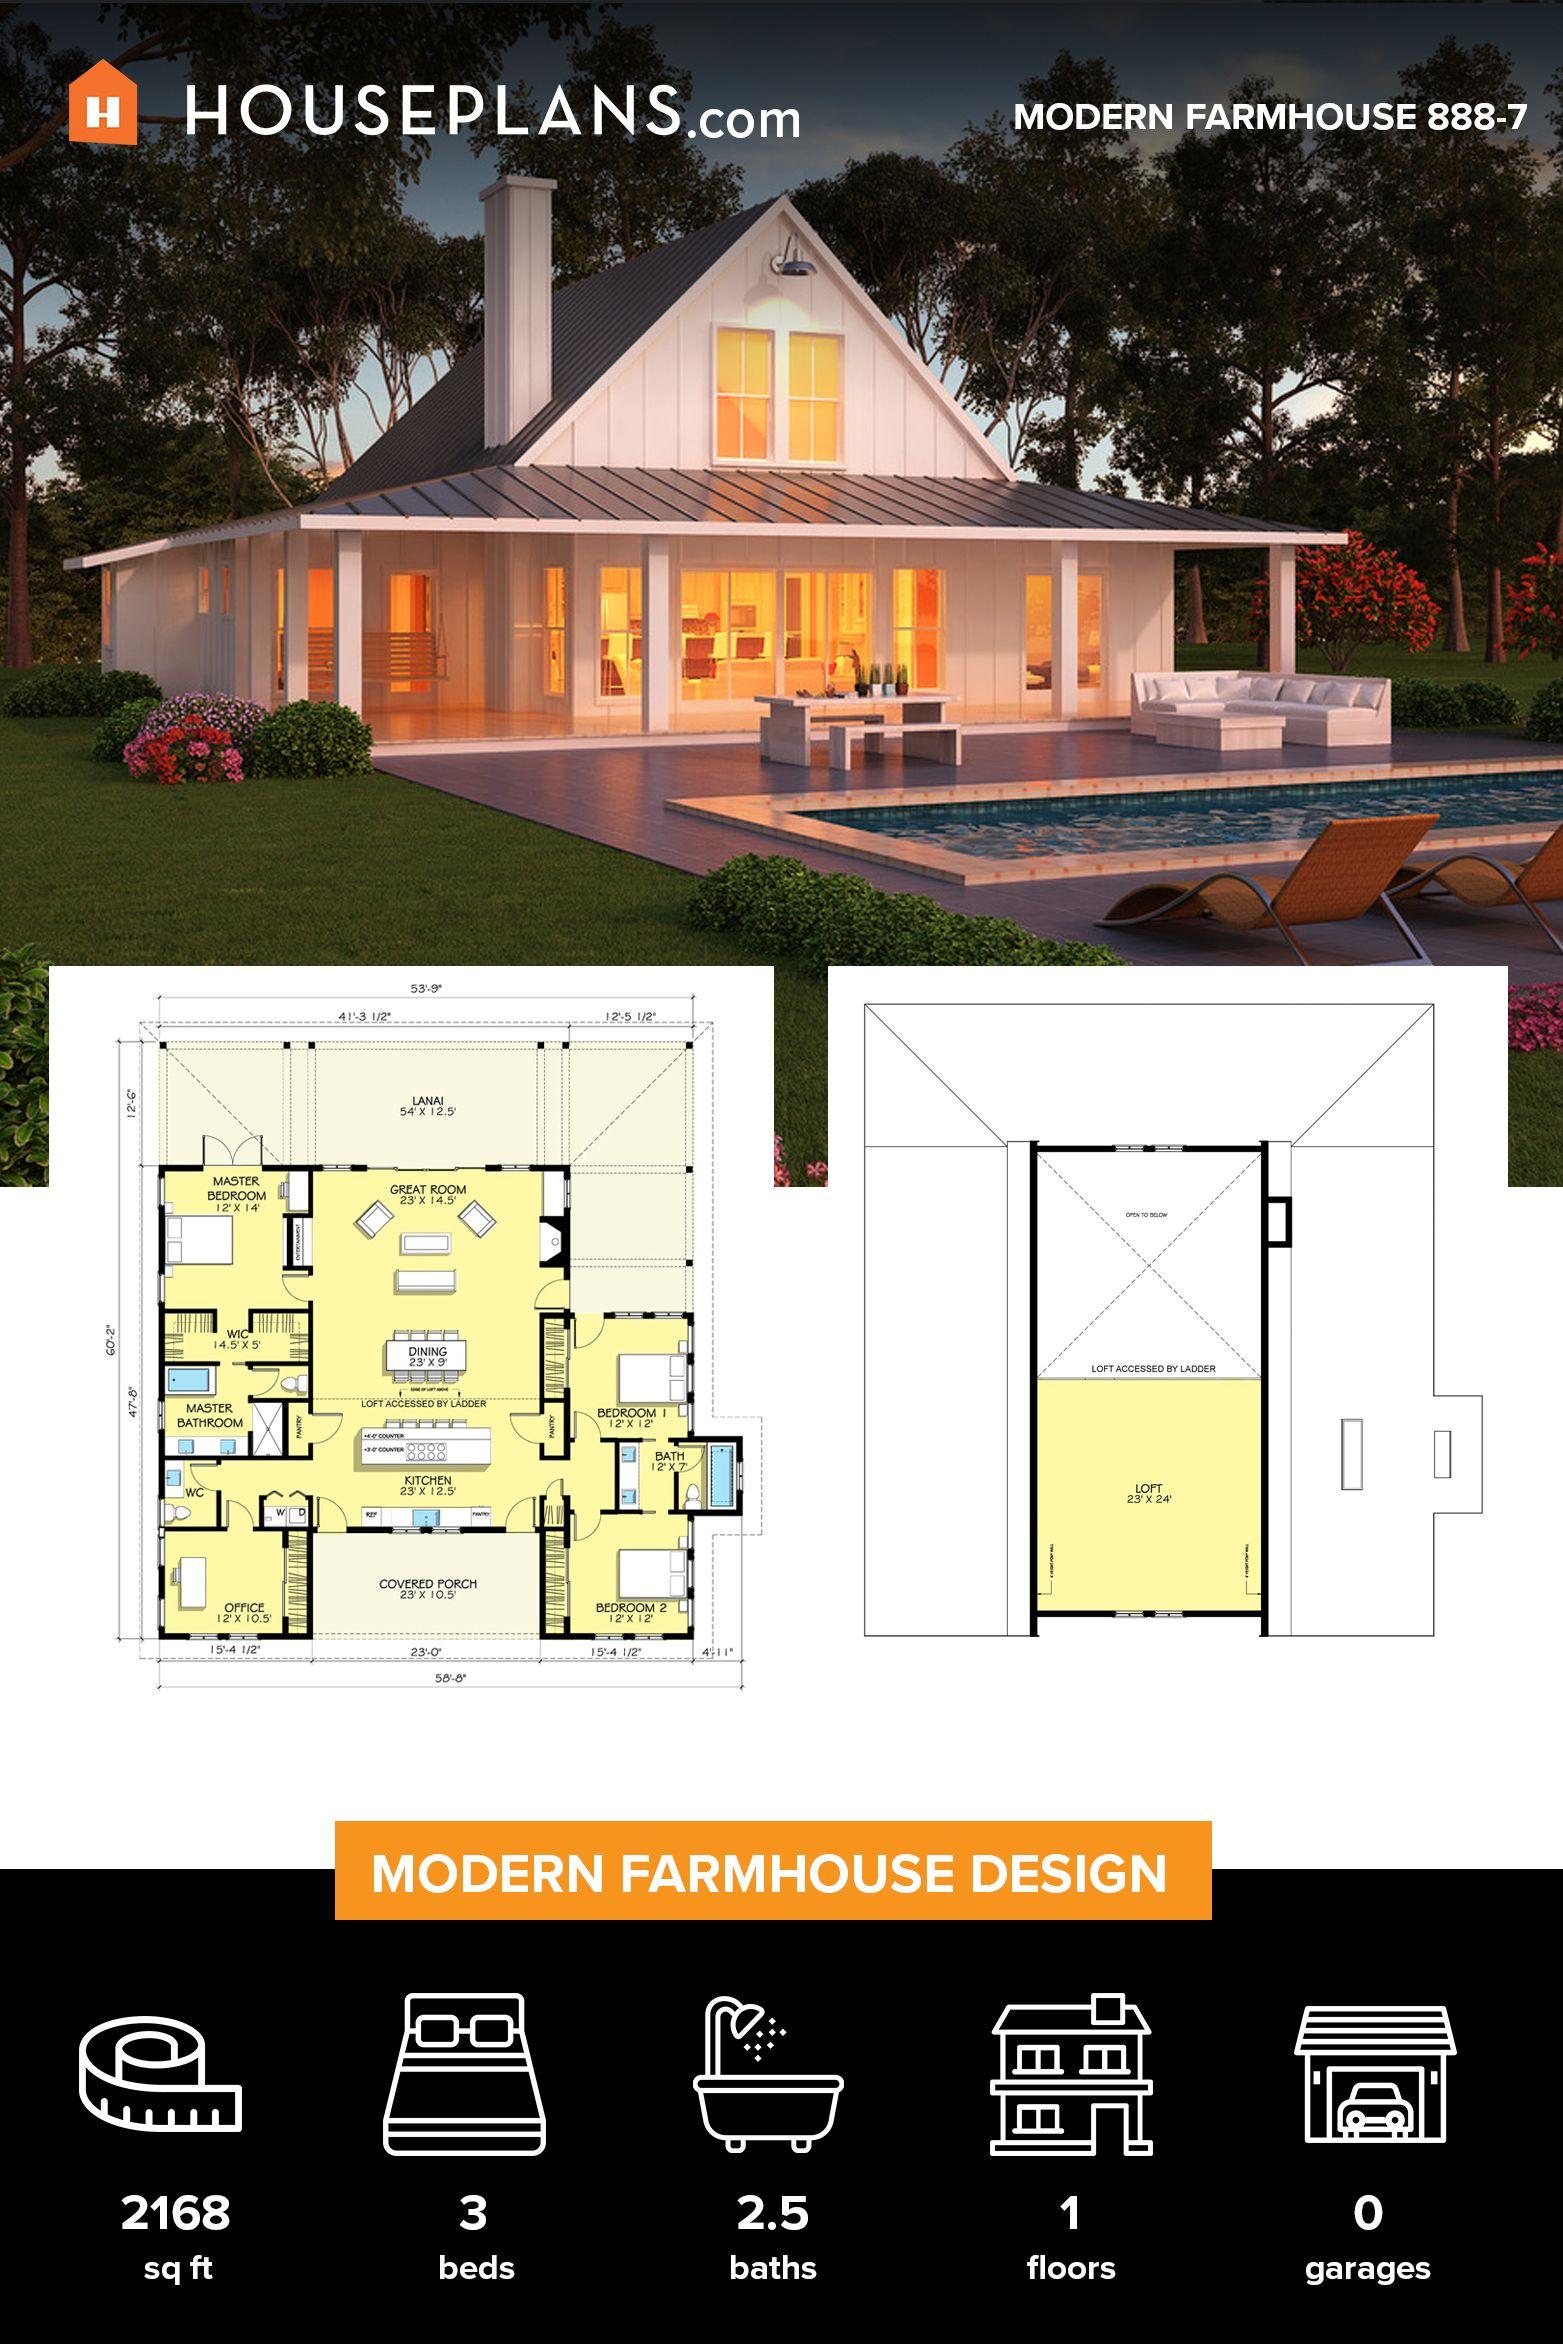 Farmhouse Style House Plan 3 Beds 2 5 Baths 2168 Sq Ft Plan 888 7 In 2020 Modern Farmhouse Plans House Plans Farmhouse Farmhouse Plans